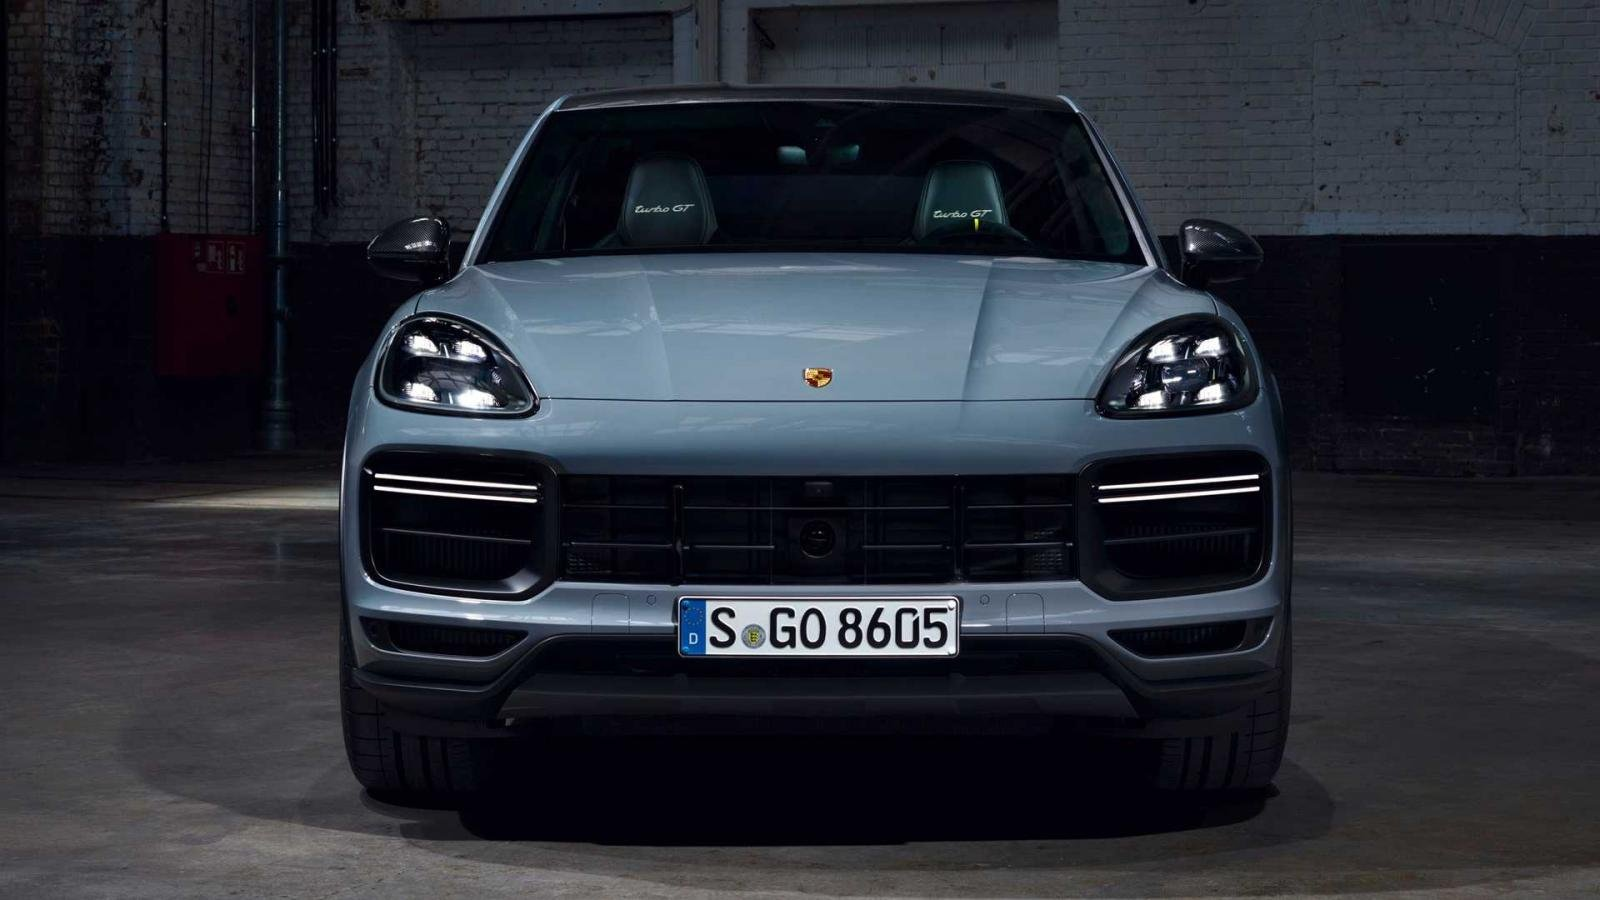 Porsche Cayenne Turbo GT kết hợp hoàn hảo giữa kiểu cách, hiệu suất lẫn độ đa dụng.